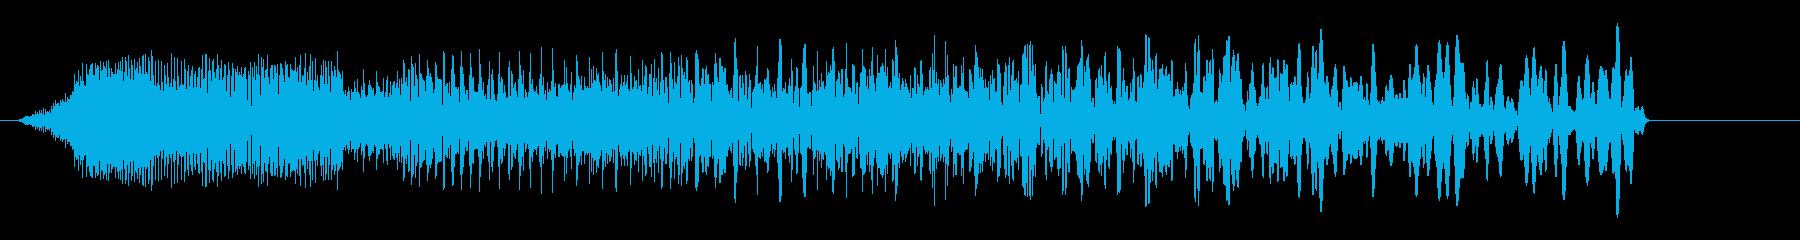 ビューン(ビーム音、警告音)の再生済みの波形